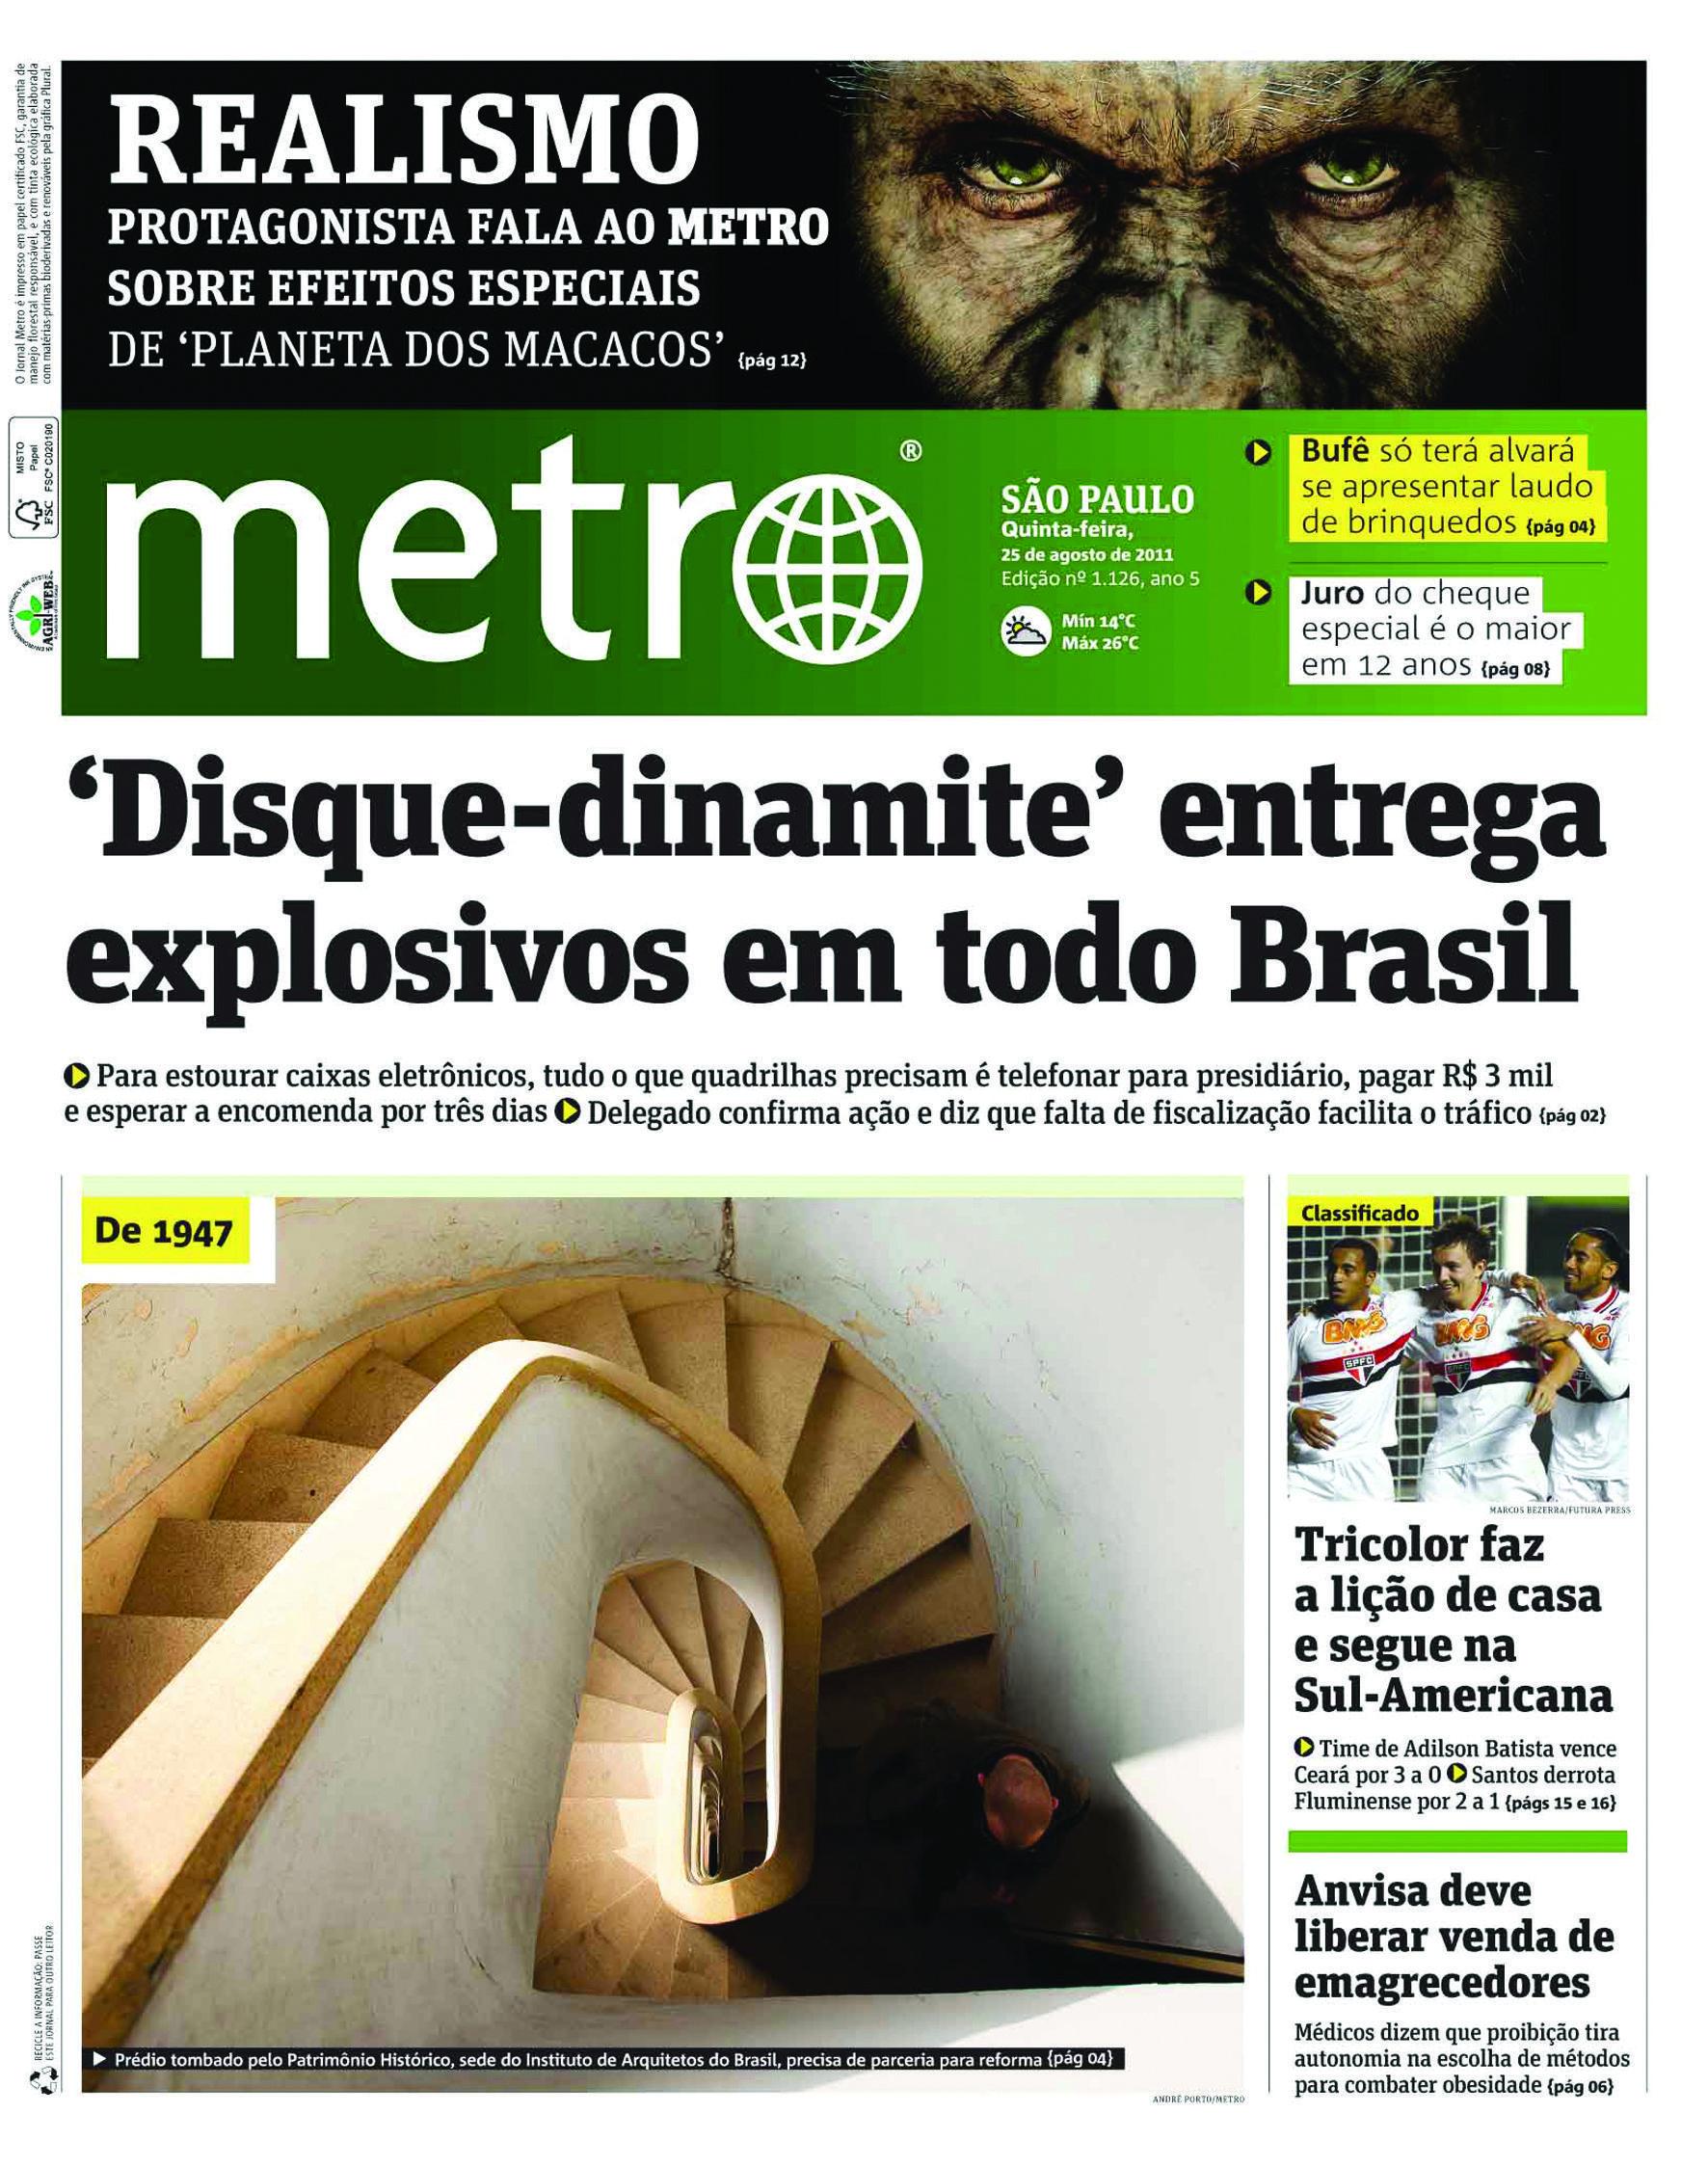 edi o do metro jornal s o paulo de 25 de agosto de 2011 reprodu o